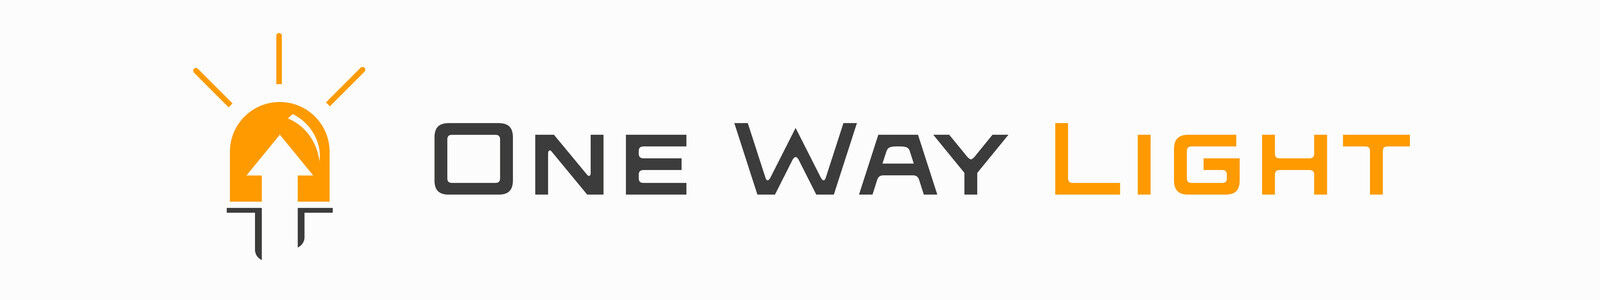 One Way Light